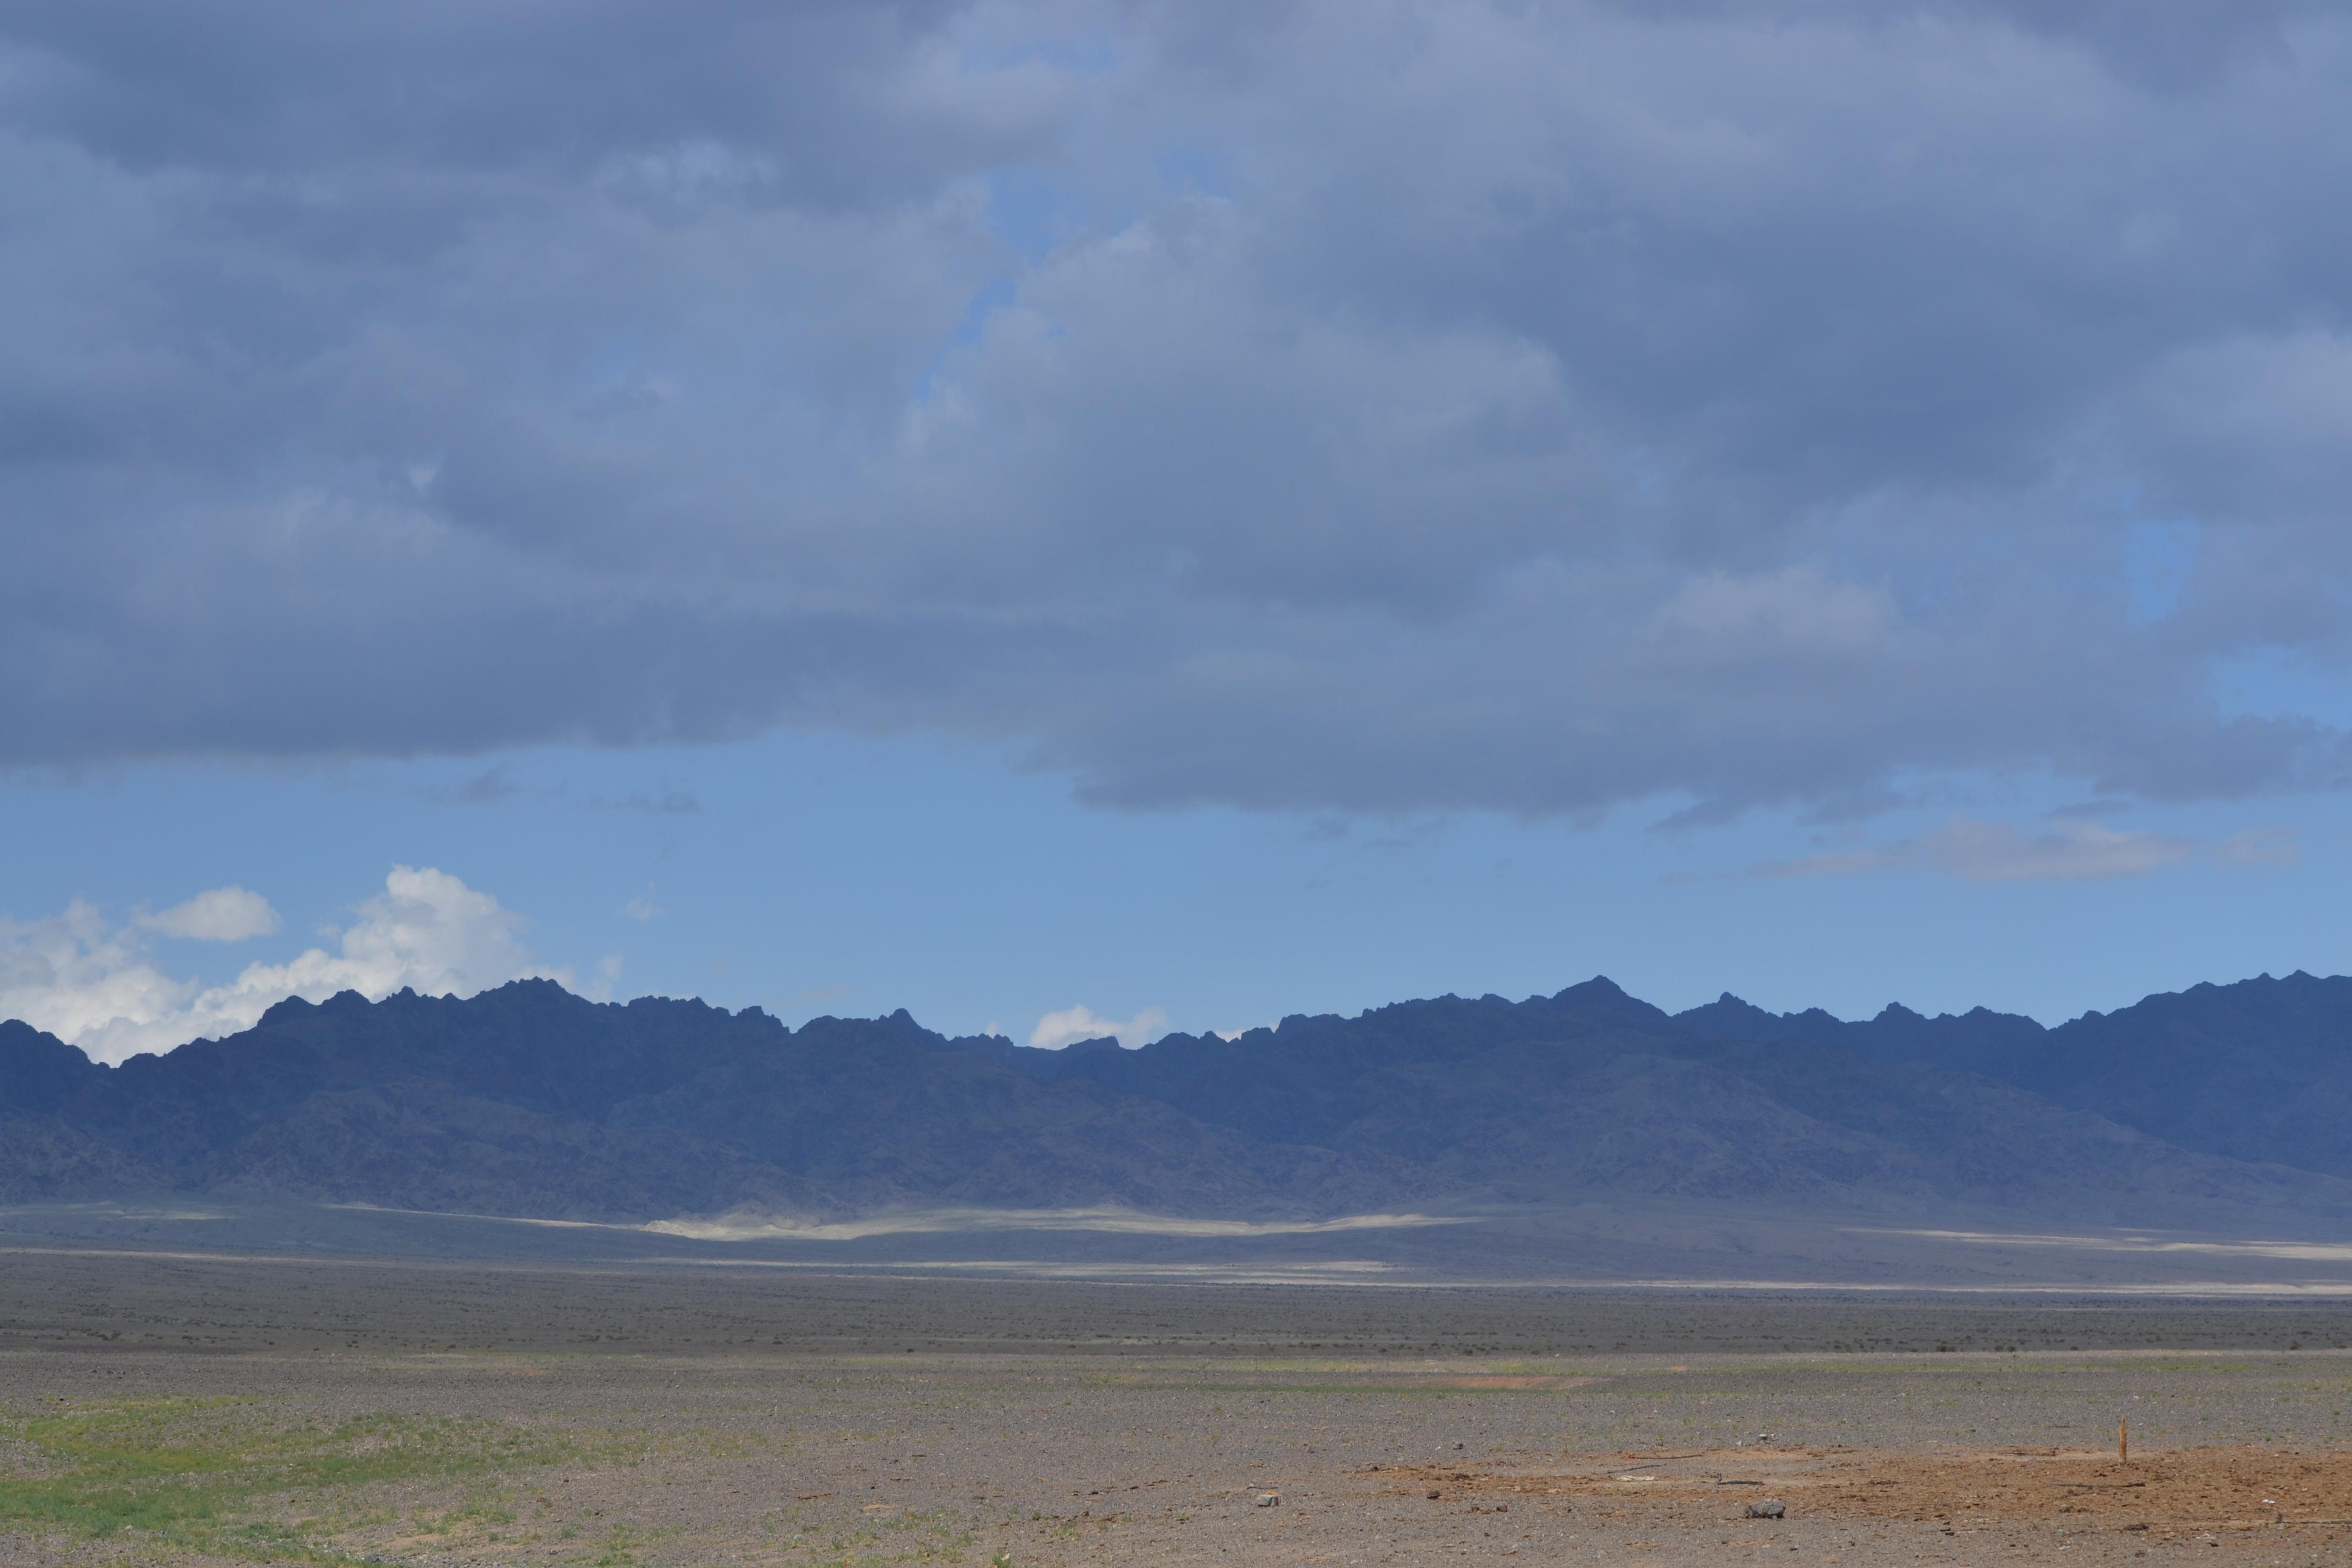 image of Gobi Desert landscape